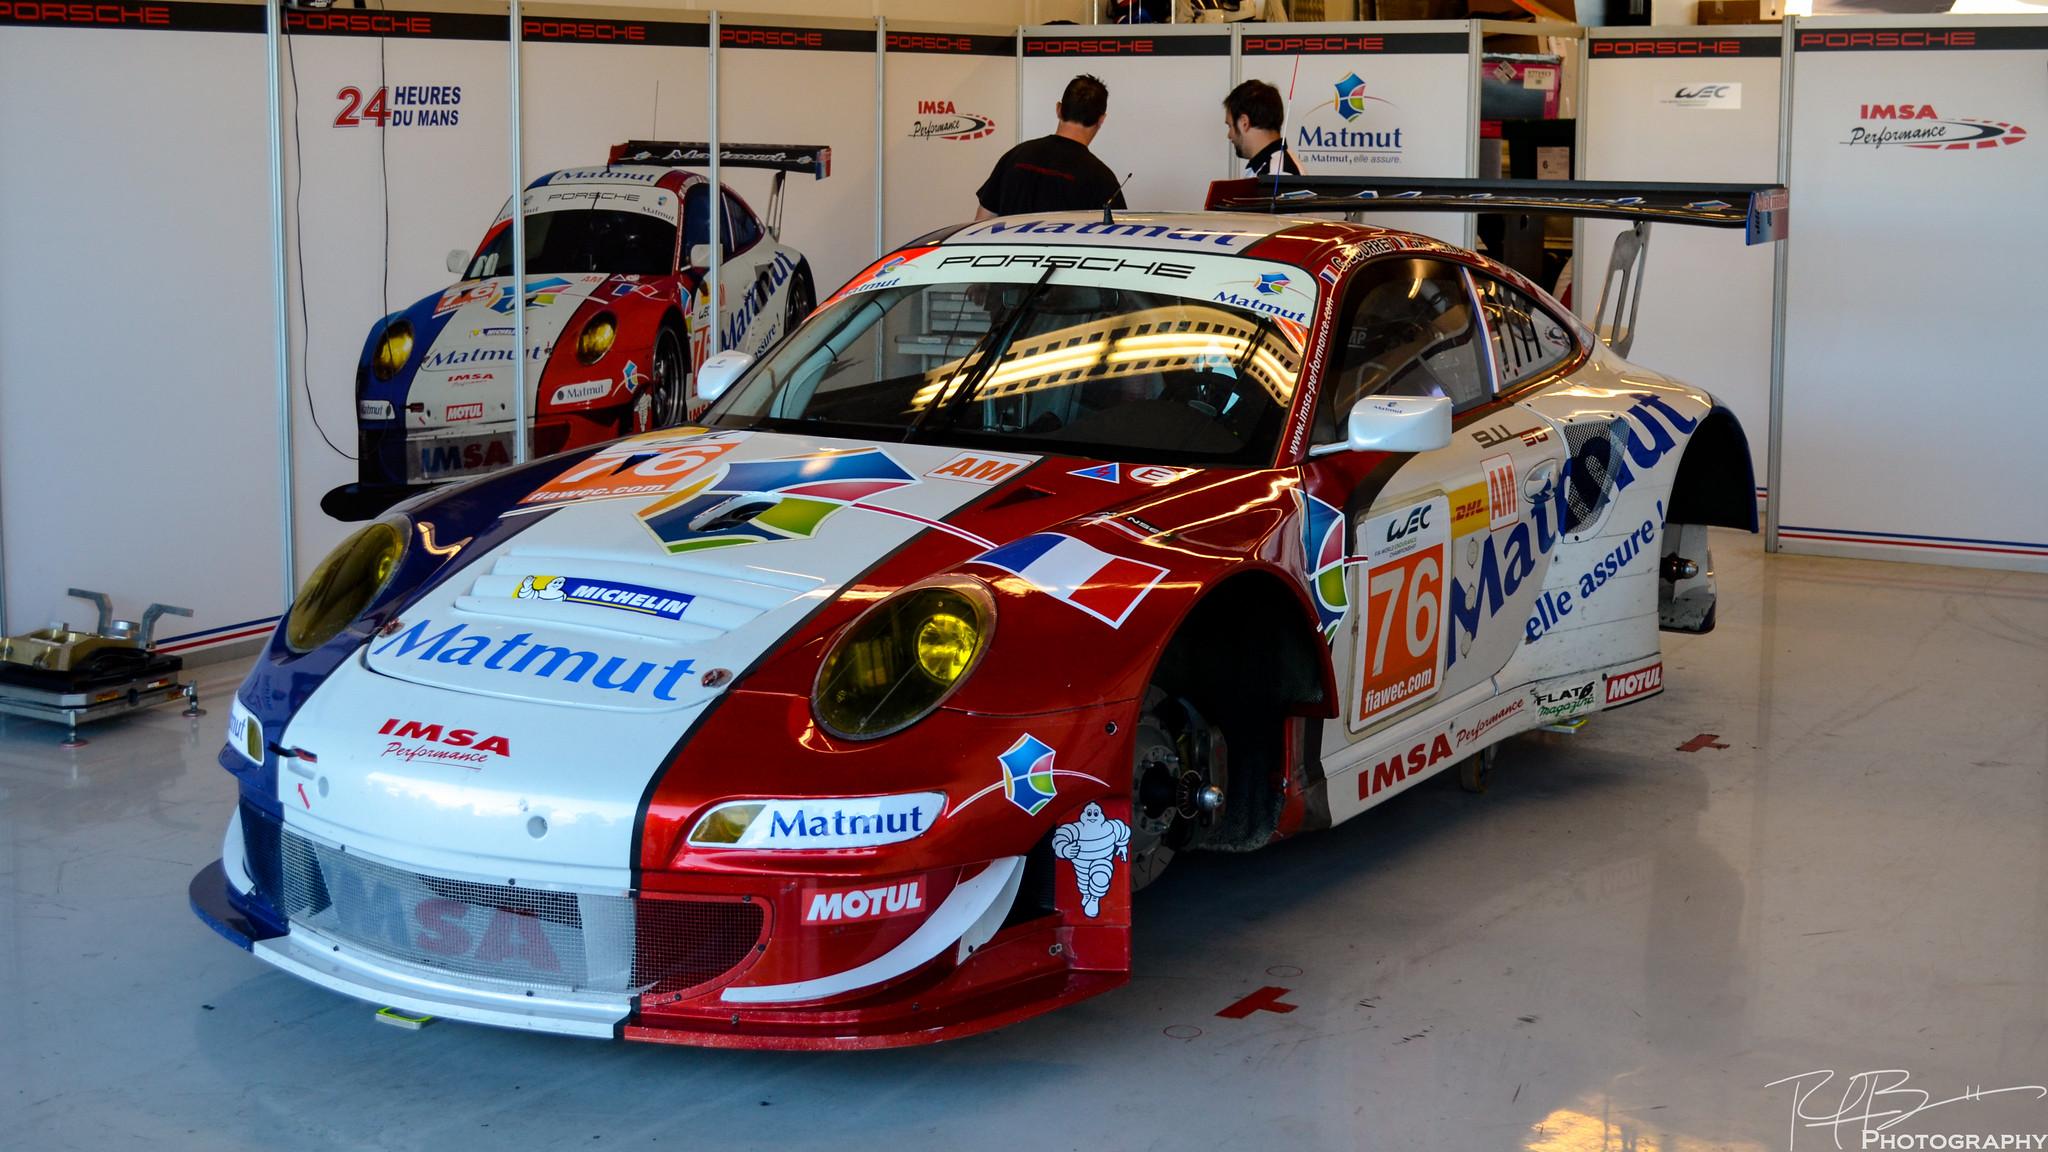 IMSA Matmut Porsche